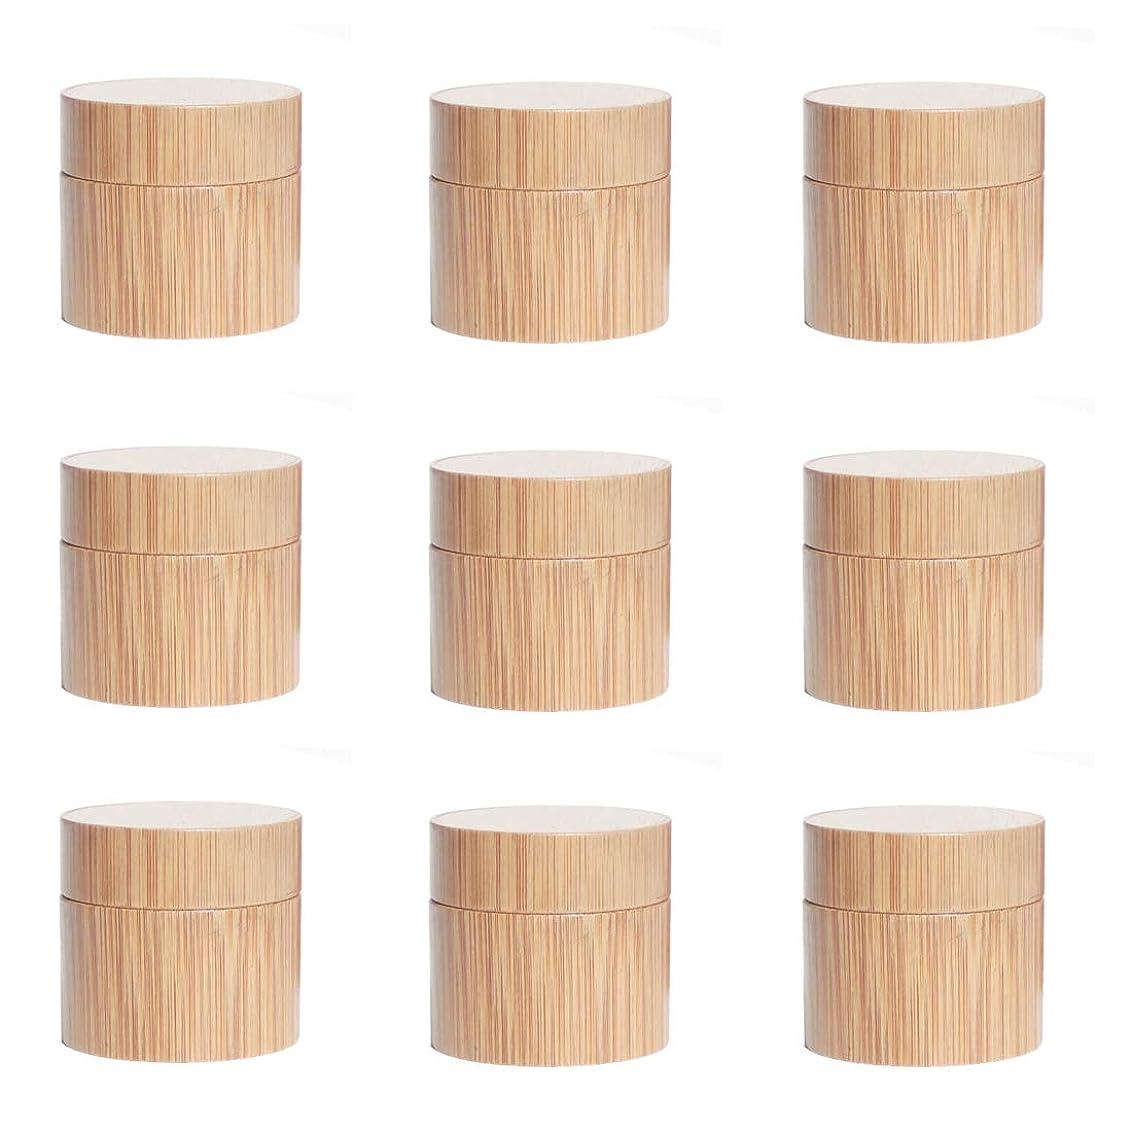 ロールどちらか崩壊Yiteng スポイト遮光瓶 アロマオイル 精油 香水やアロマの保存 遮光瓶 小分け用 保存 詰替え 竹製 9本セット (10g)